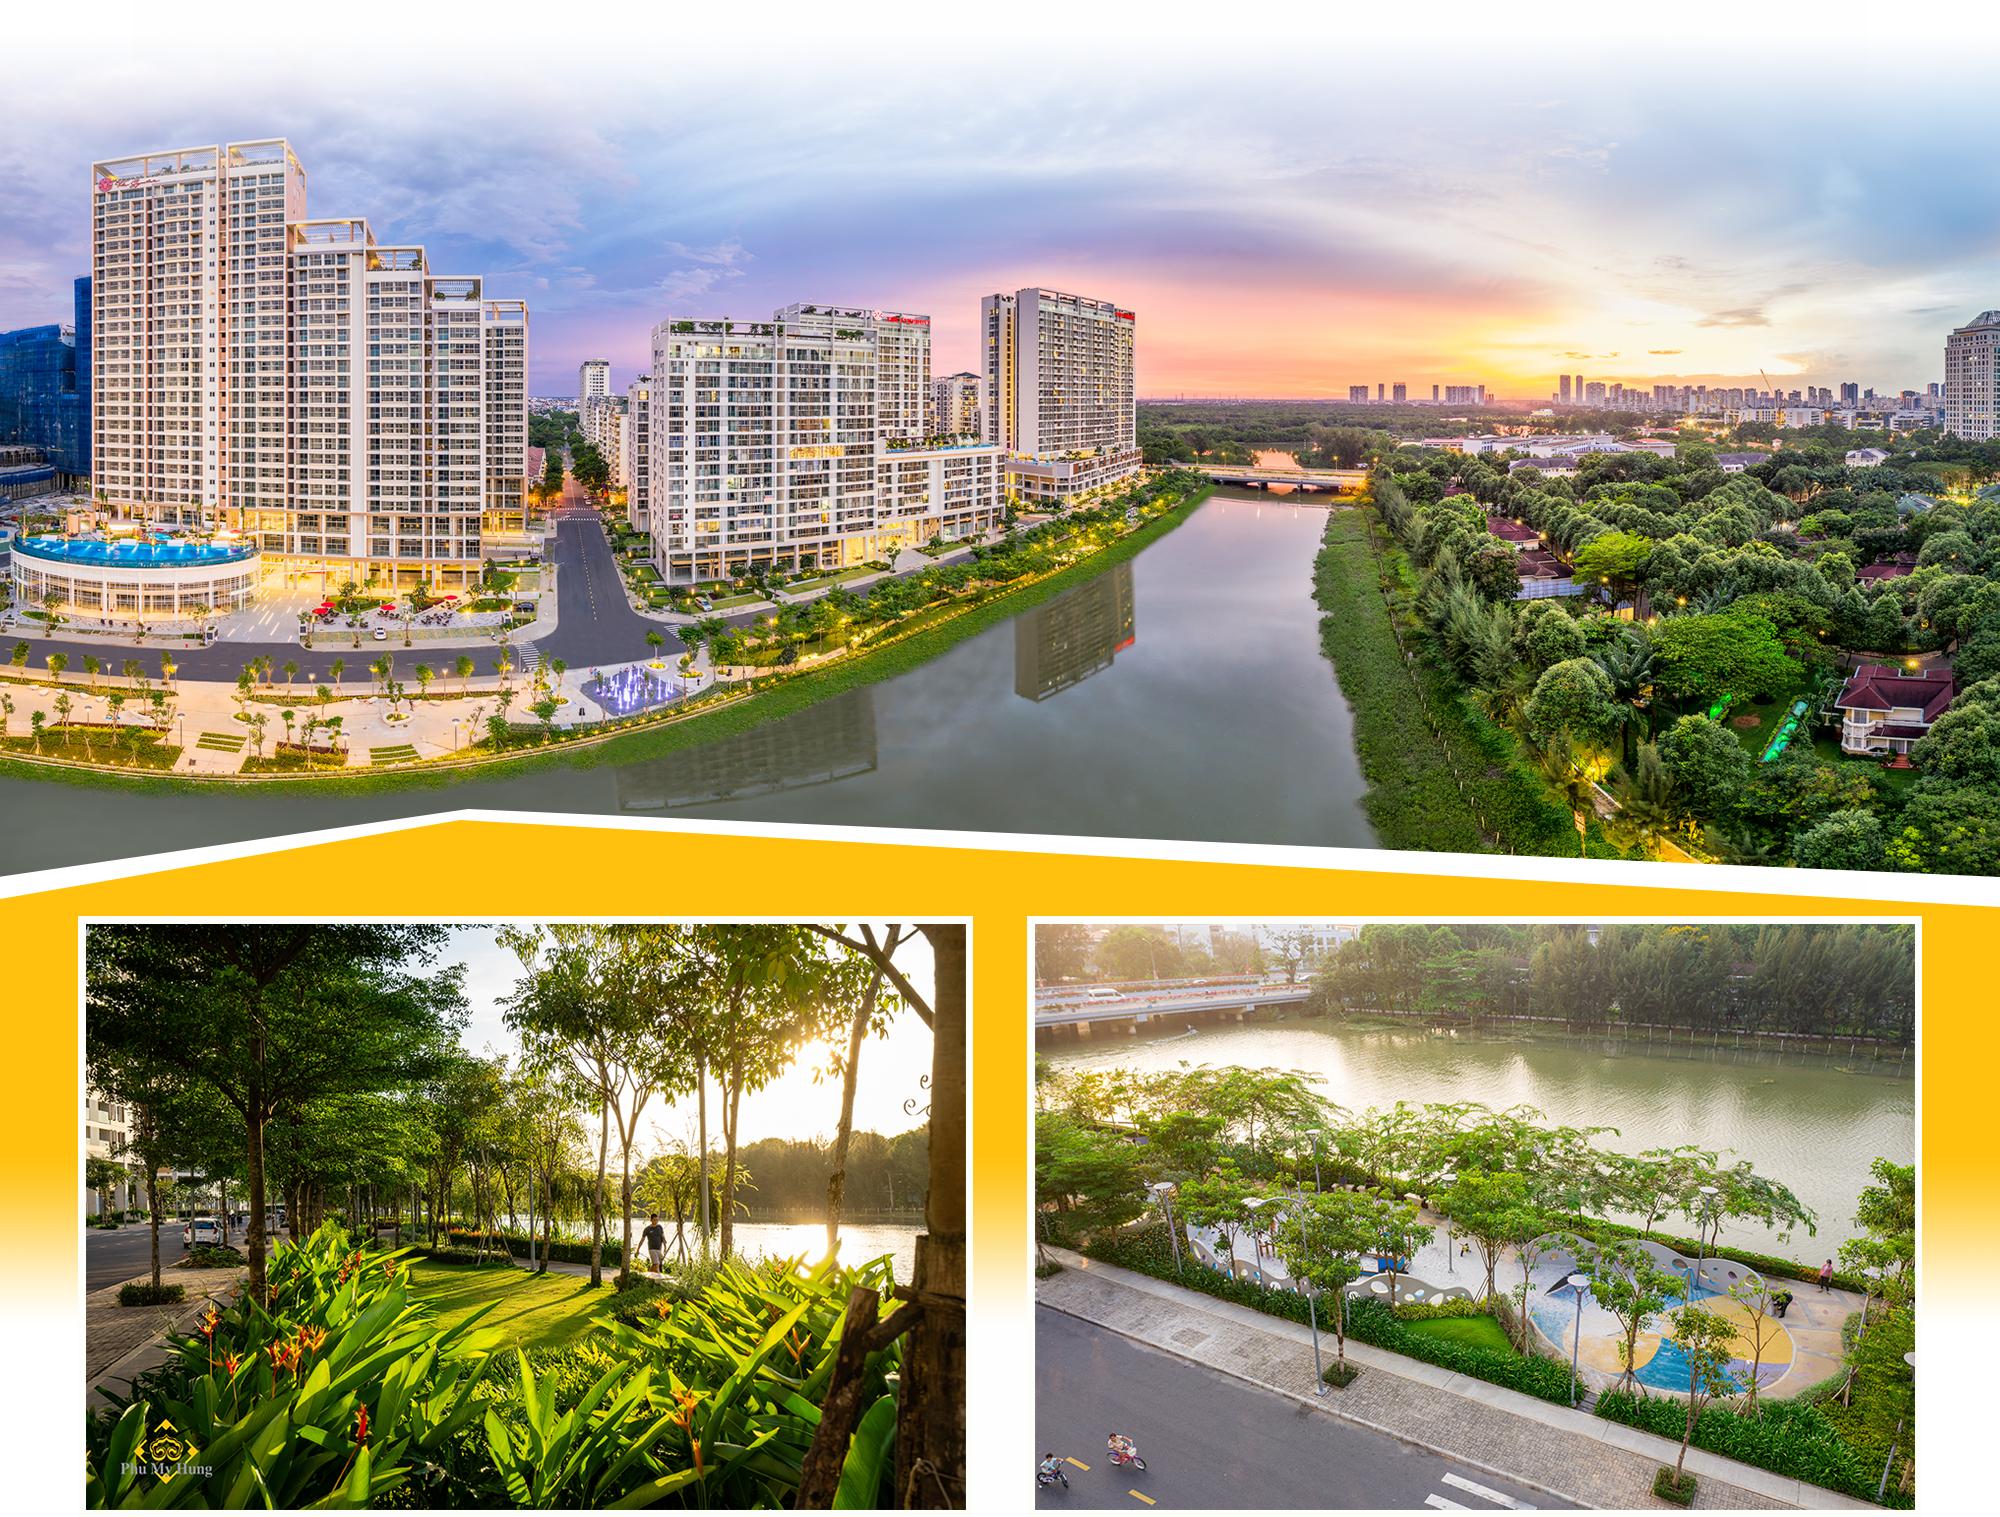 Dự án khu phức hợp ven sông lớn nhất Phú Mỹ Hưng chỉ còn 10% sản phẩm dành cho giới thượng lưu - Ảnh 9.